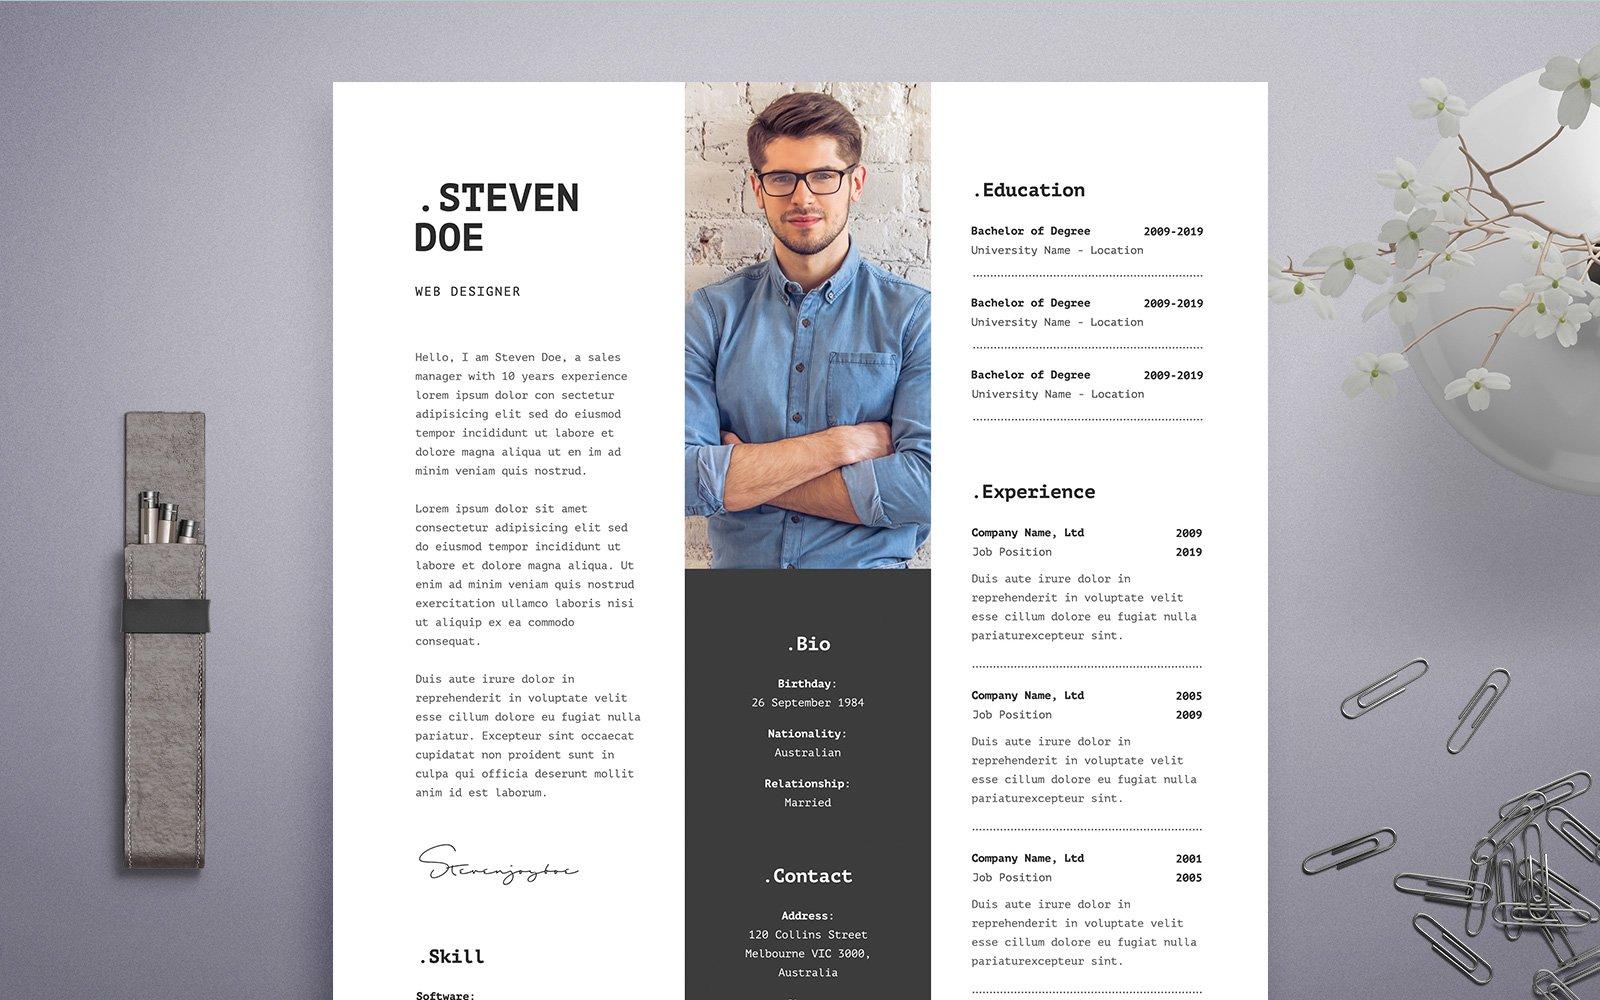 Steven Doe Web Developer Resume Template